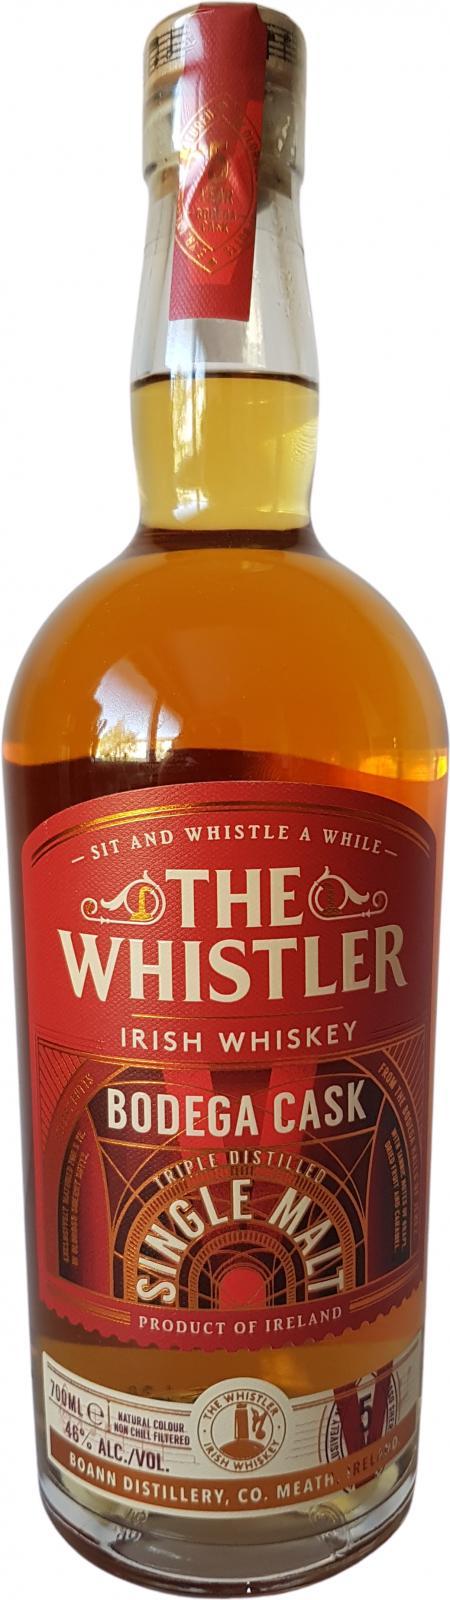 The Whistler Bodega Cask BoD